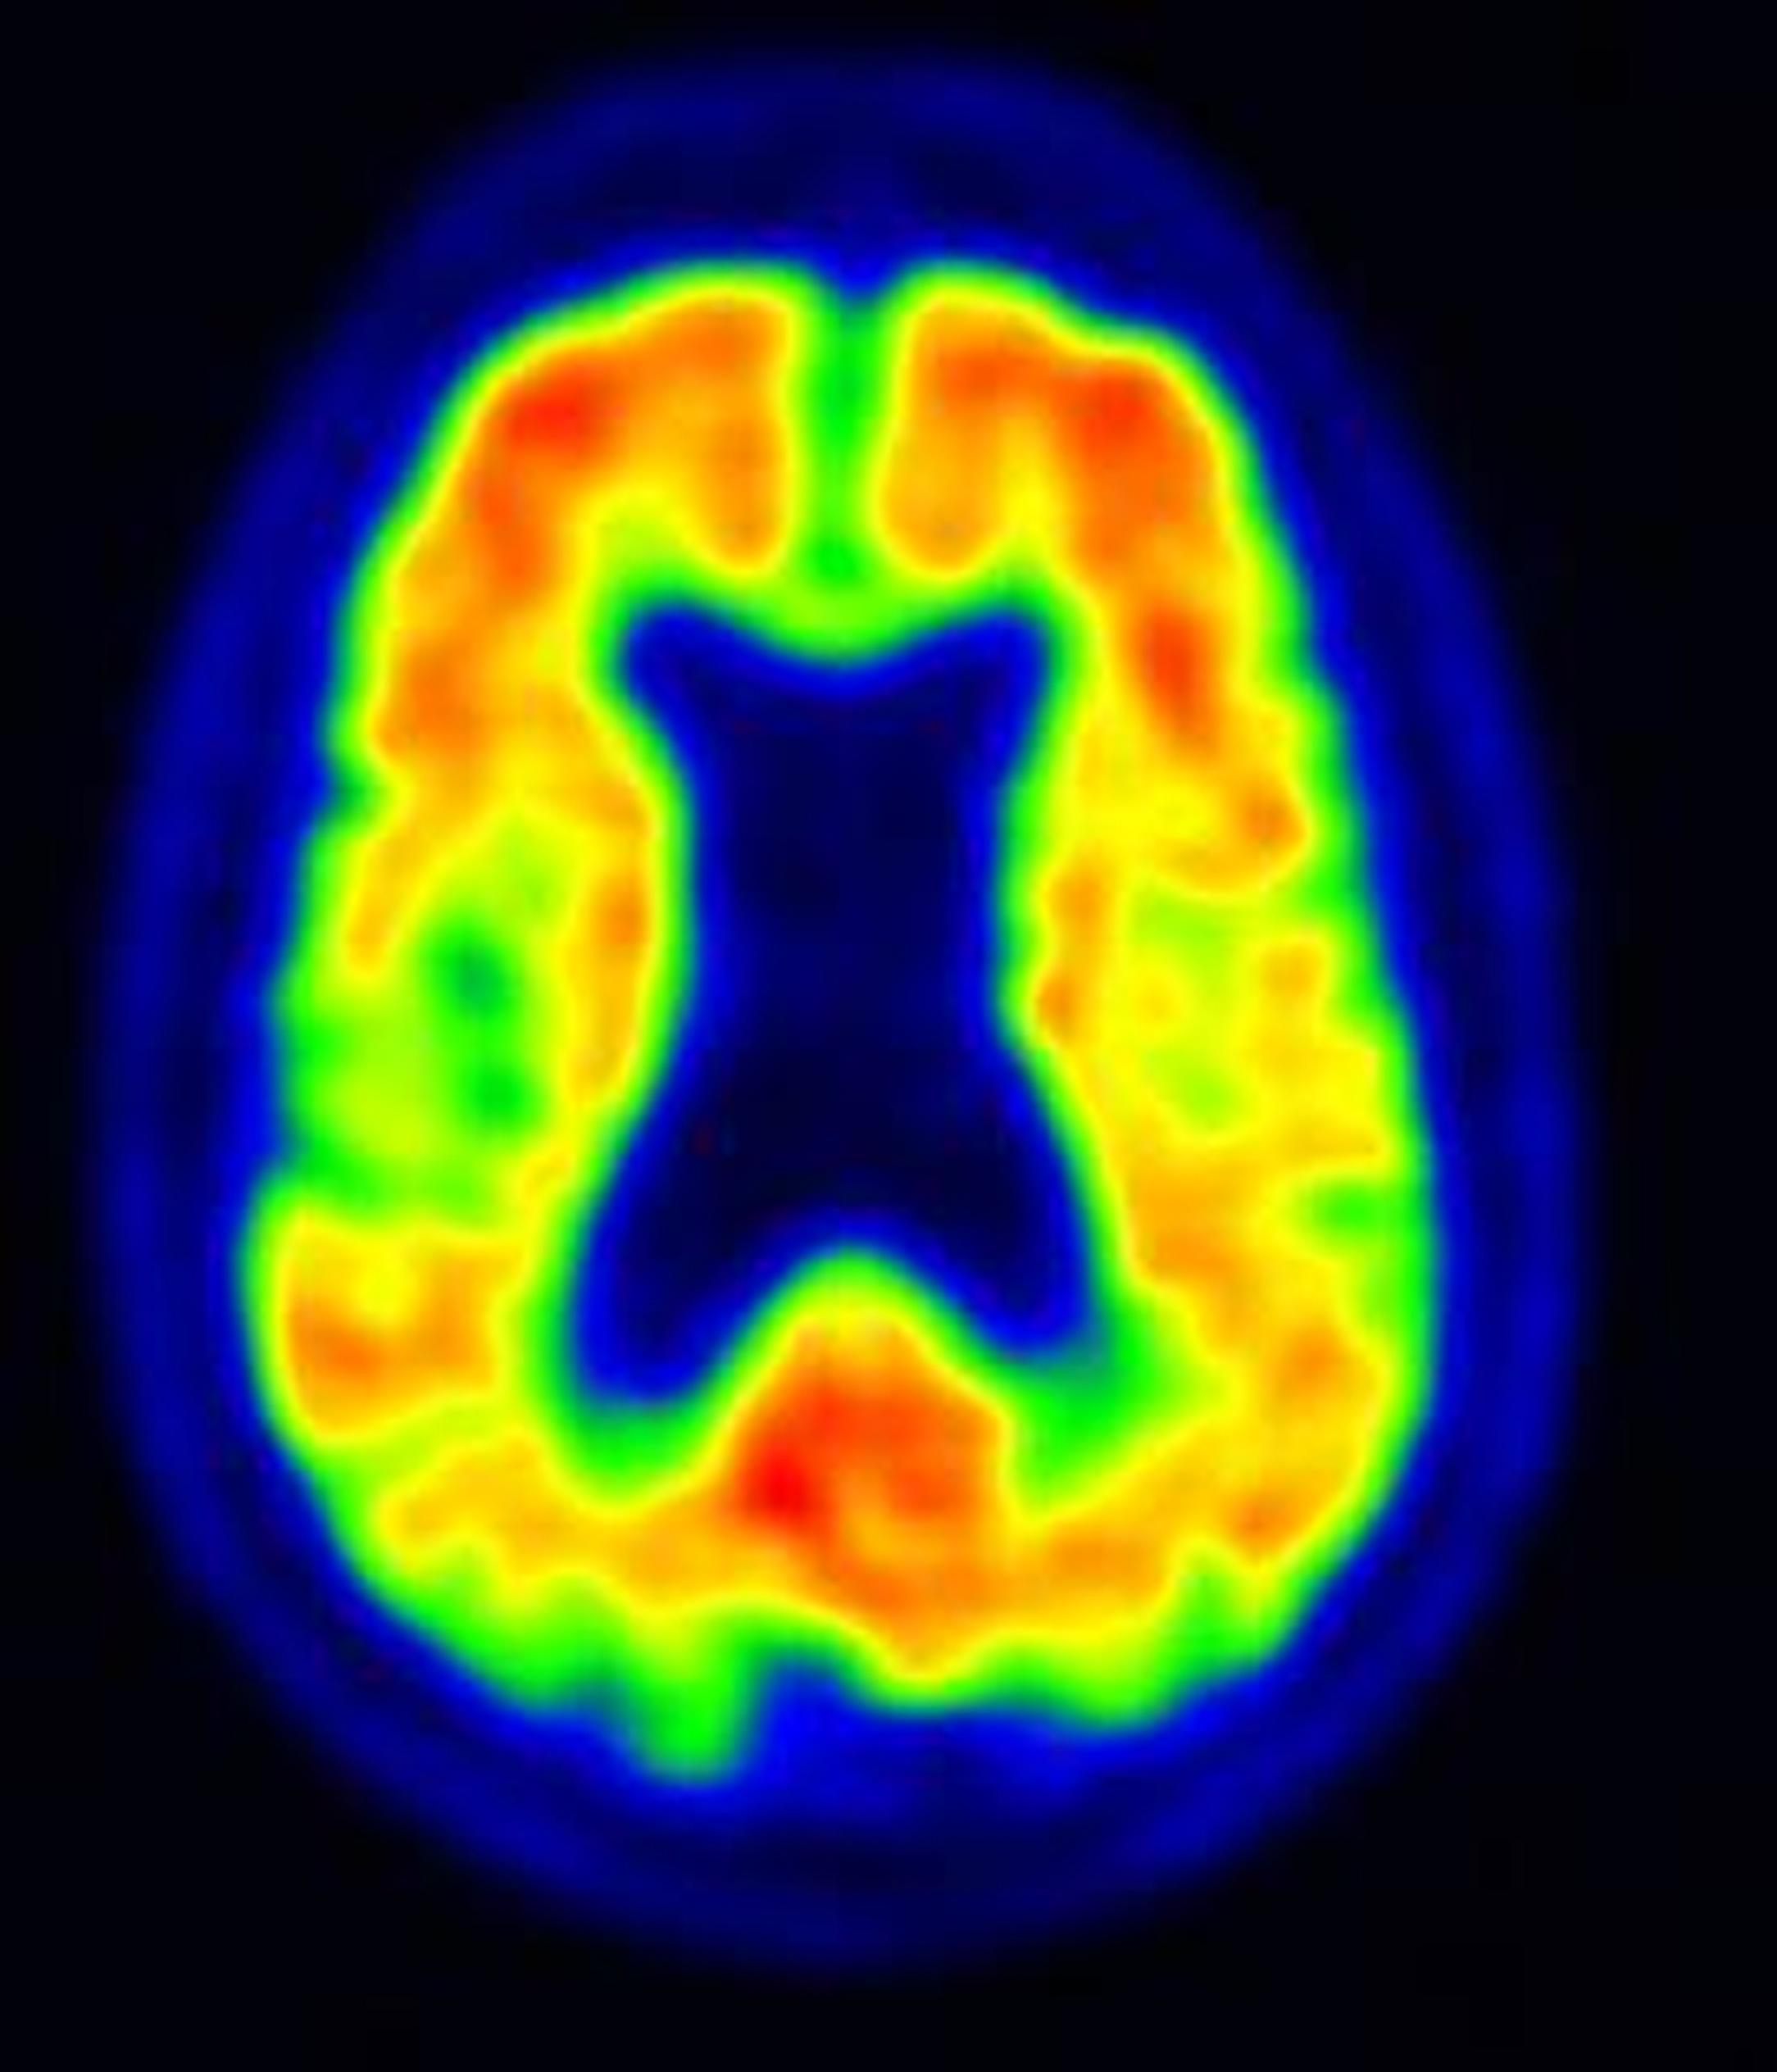 Aivojen amyloidi-PET-kuva. Potilaalla on selvä merkkiainekertymä ja hän sairastaa Alzheimerin tautia (Kuva Juha Rinne, TYKS ja TY)